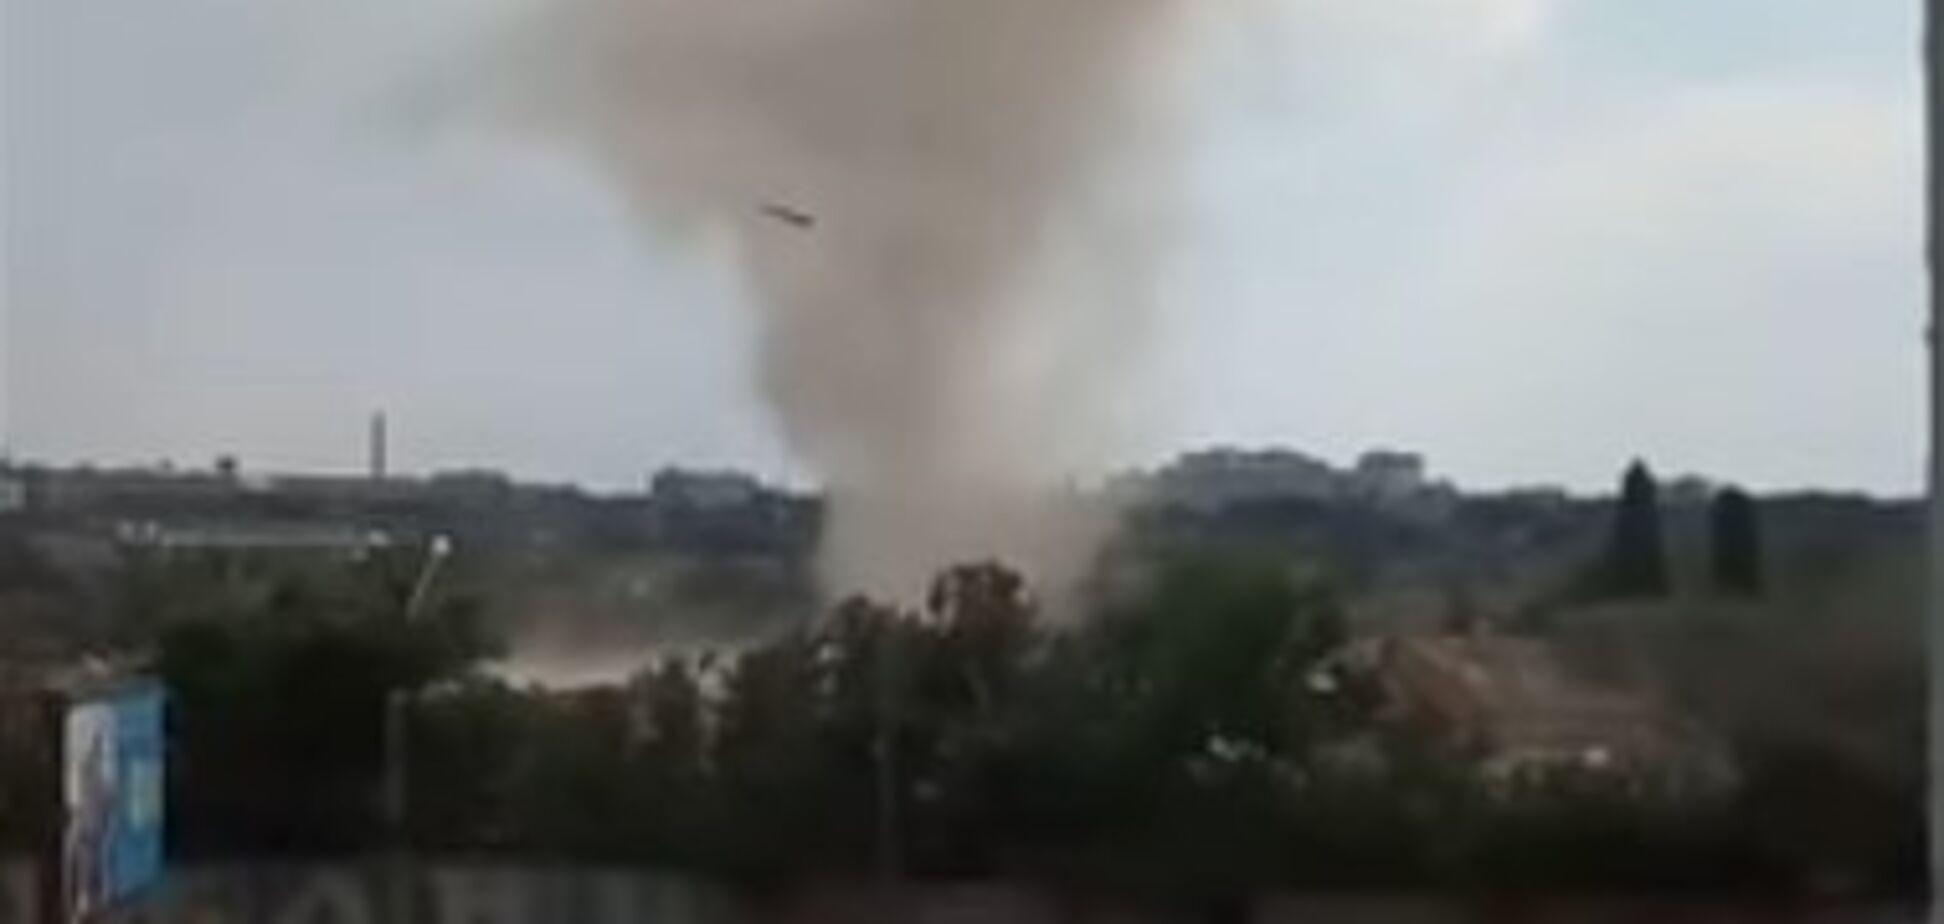 В Харькове зафиксировали смерч: устрашающее видео